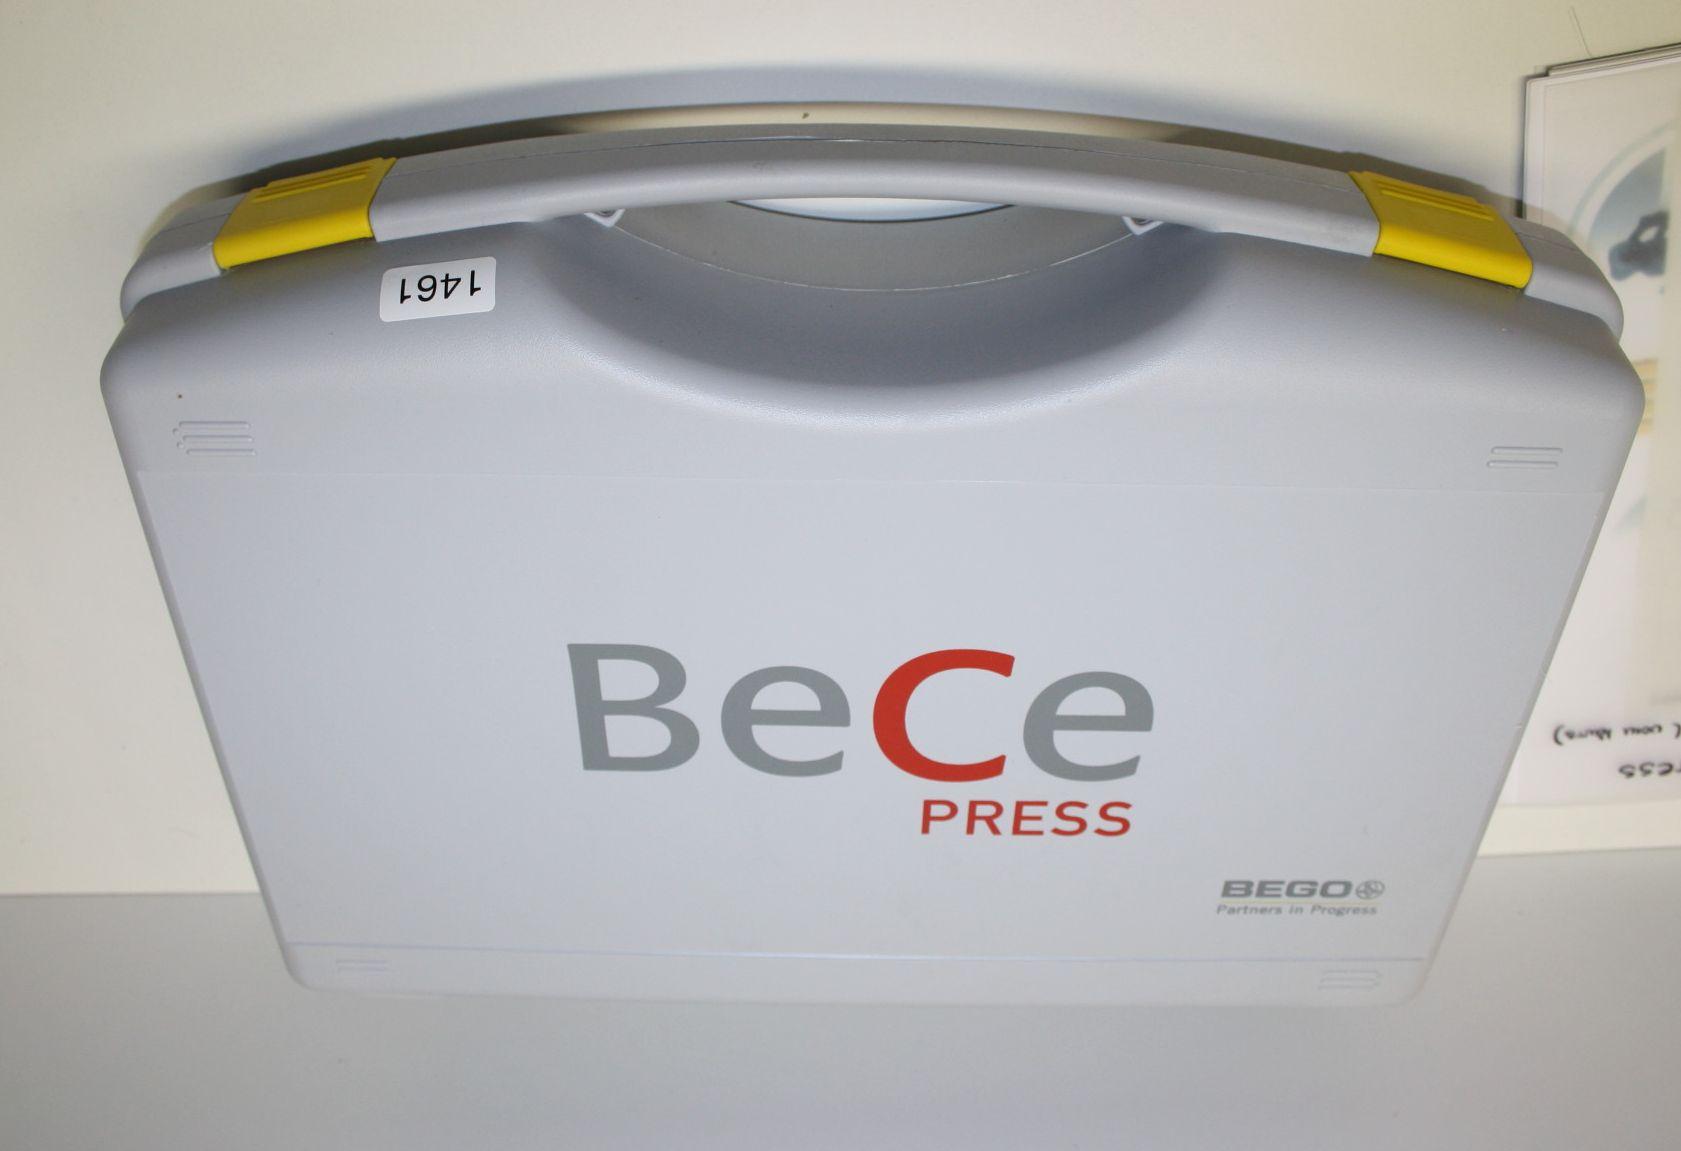 BEGO BeCe Press - Überpress-Keramik für Edelmetall # 1461